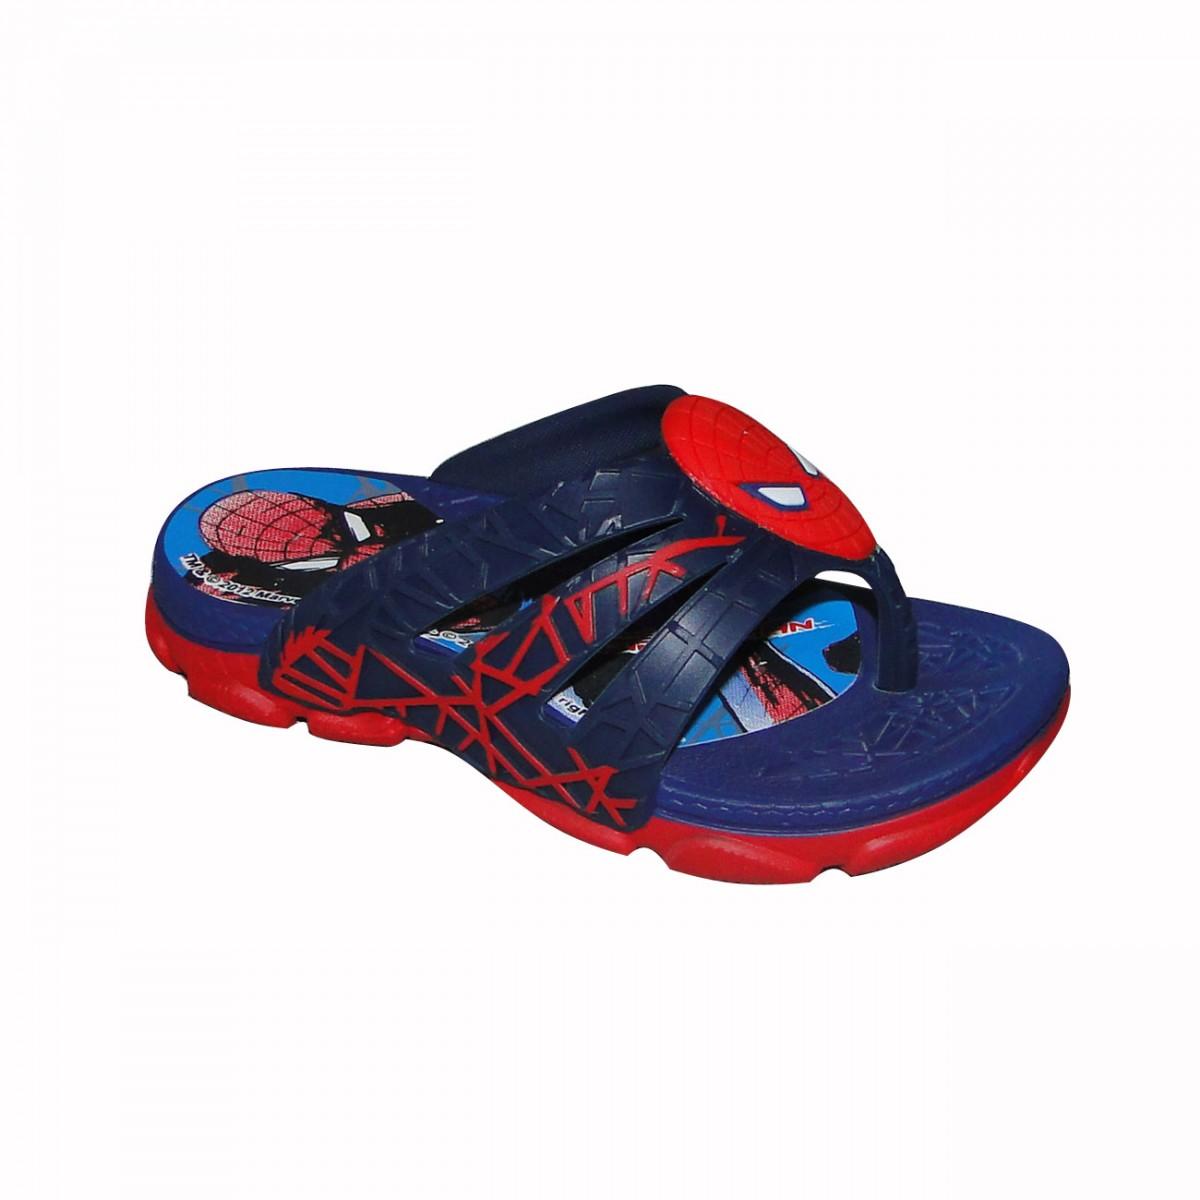 Chinelo Homem Aranha Ref.20931 20931-22056 - Azul Vermelho - Chuteira Nike bed29e11f6fbe